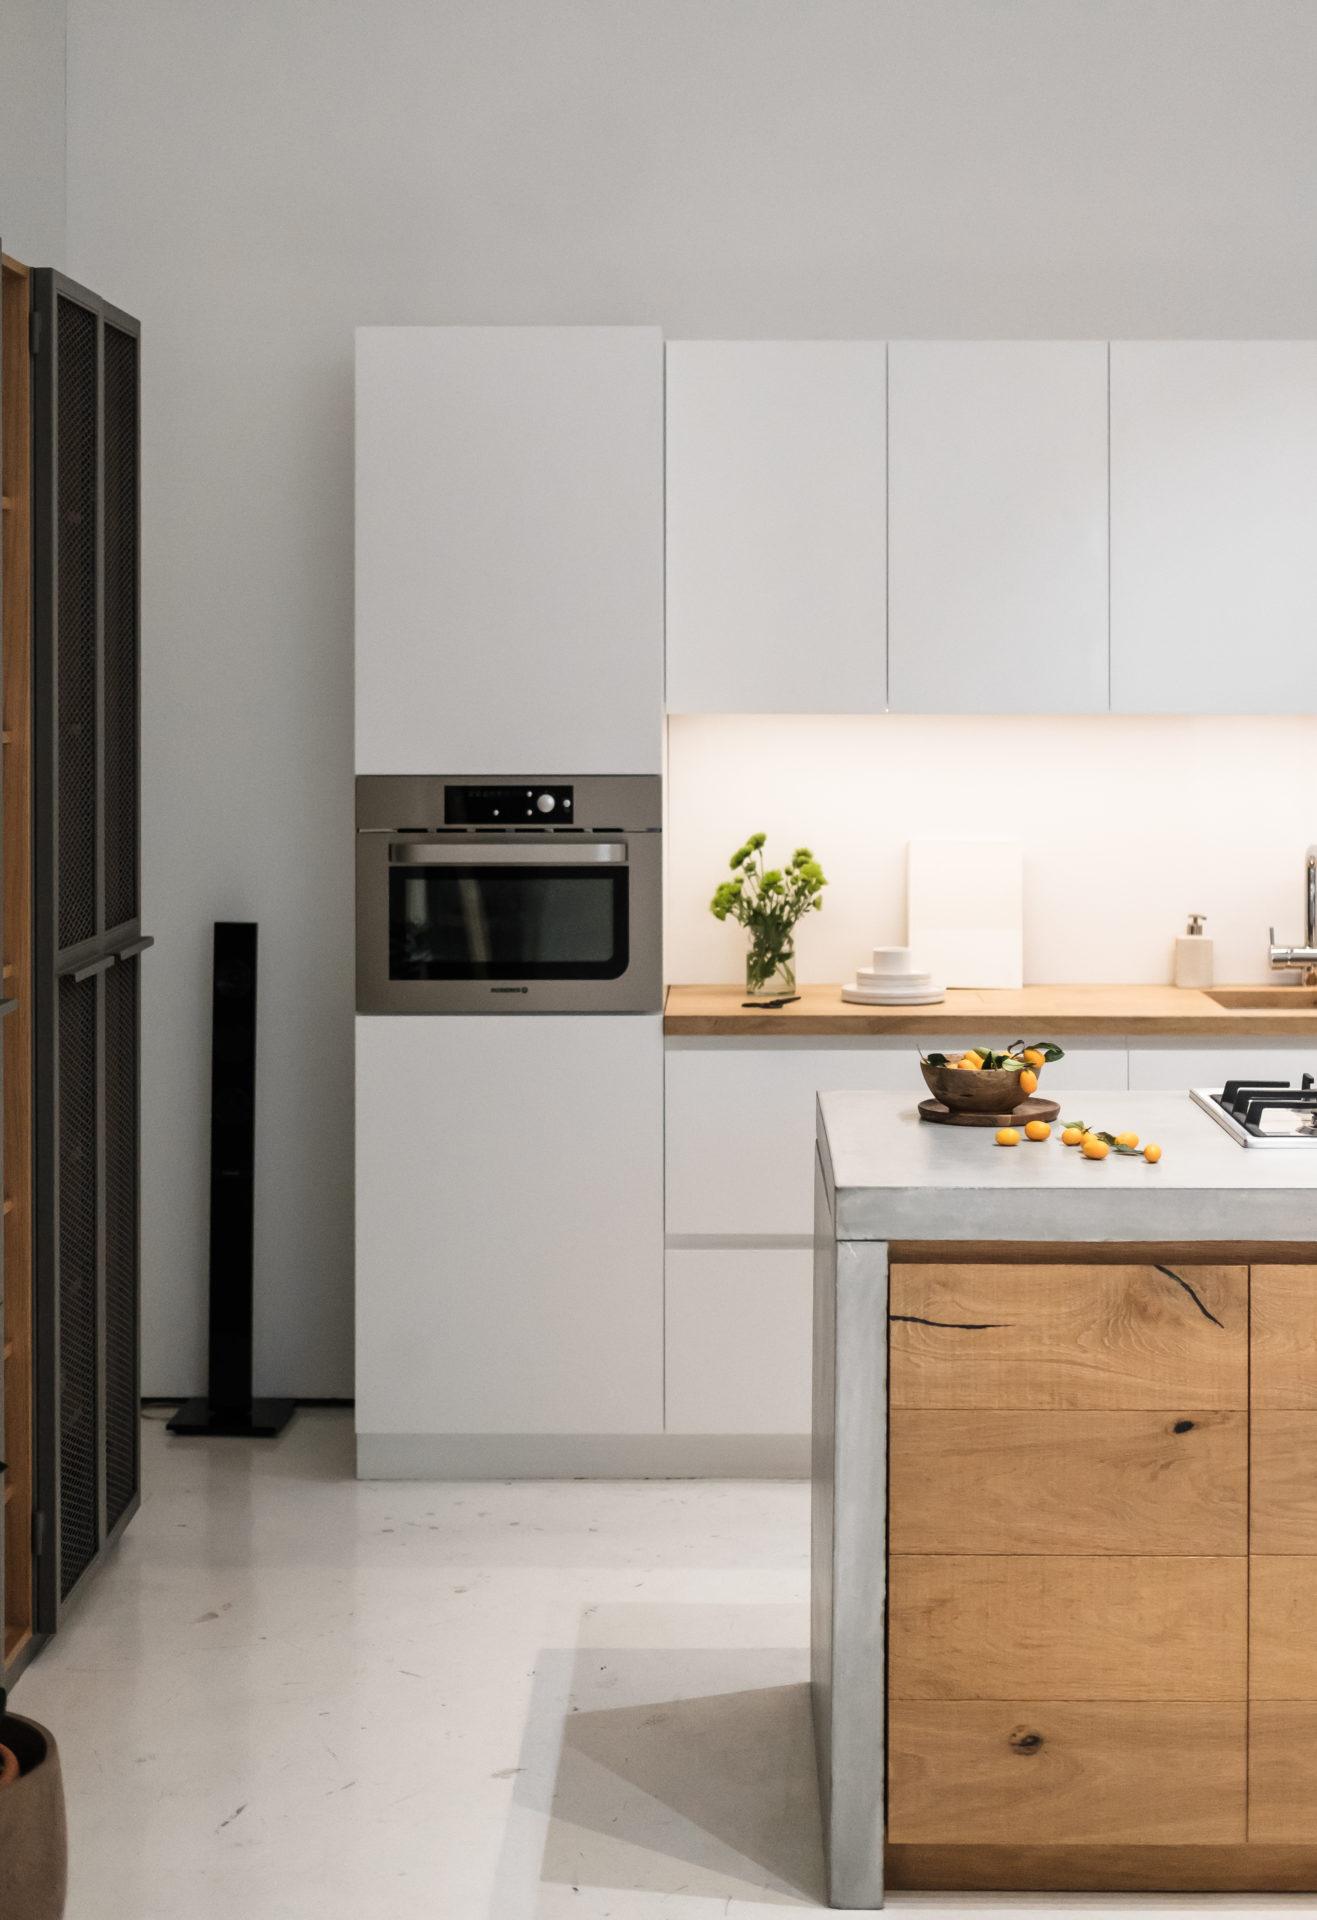 the lifestyle kitchen by KITMO